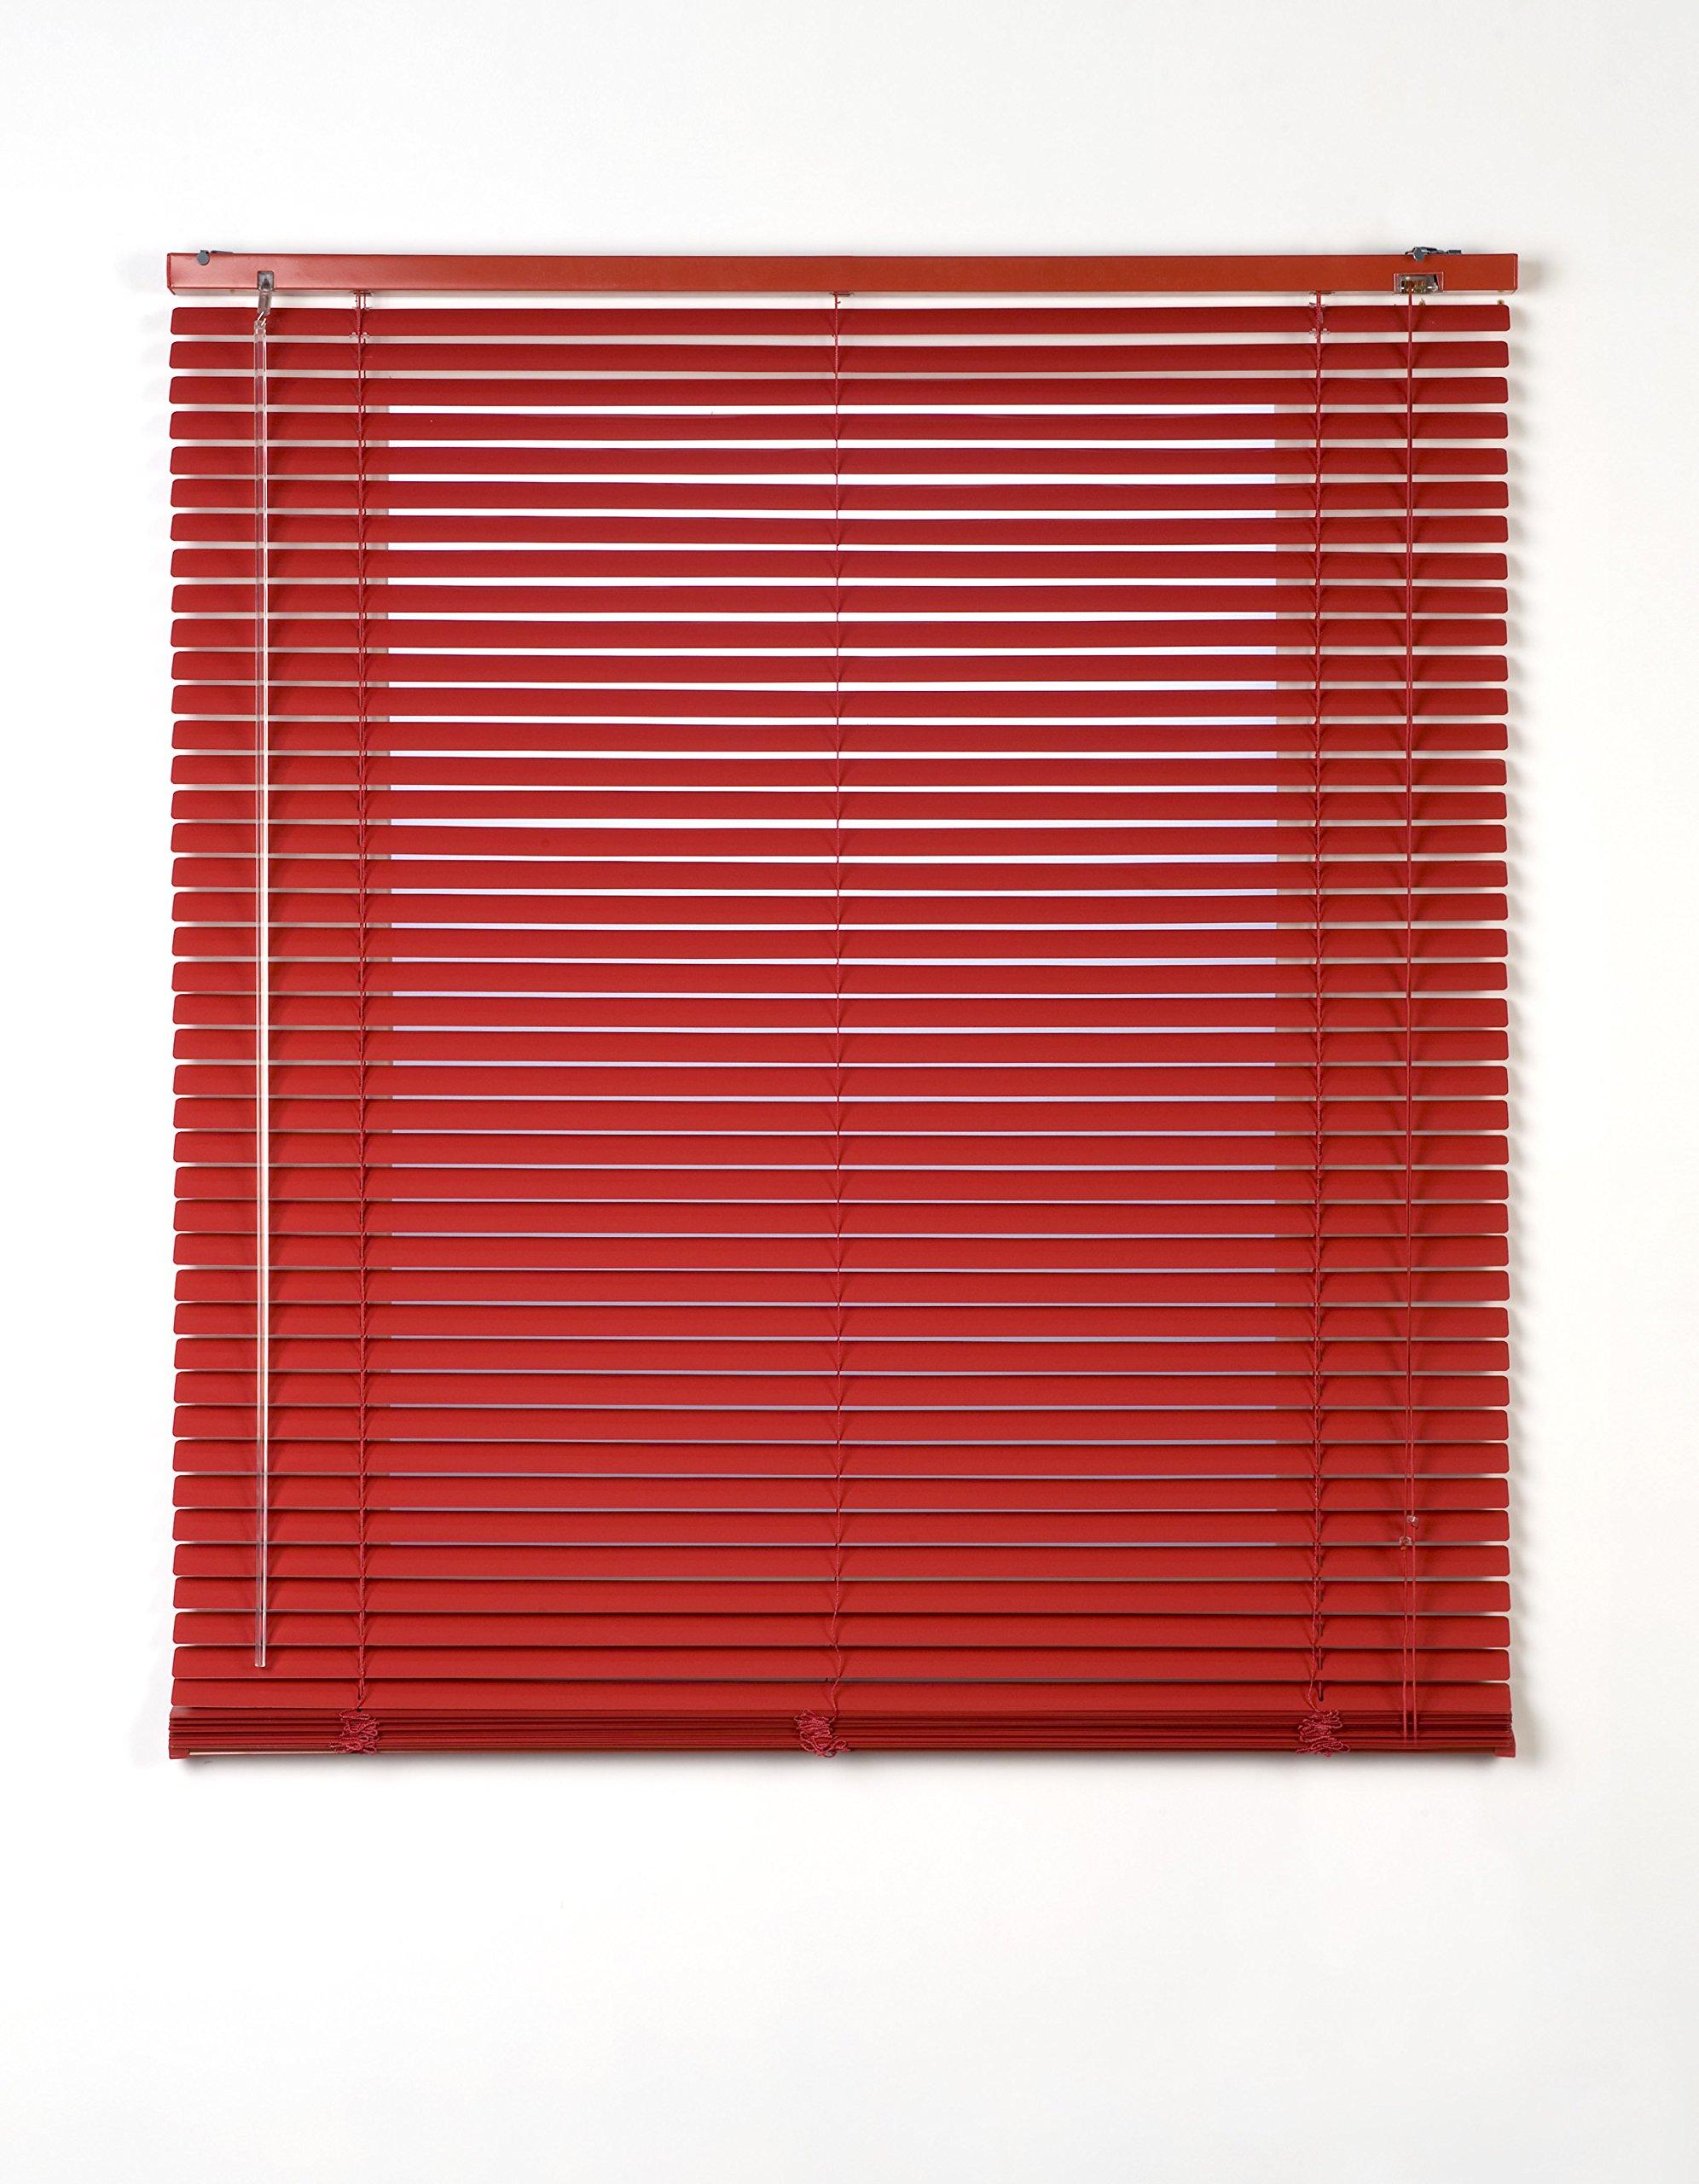 Estores Basic, persianas venecianas de aluminio, Rojo, 150x175cm, persianas venecianas, estores